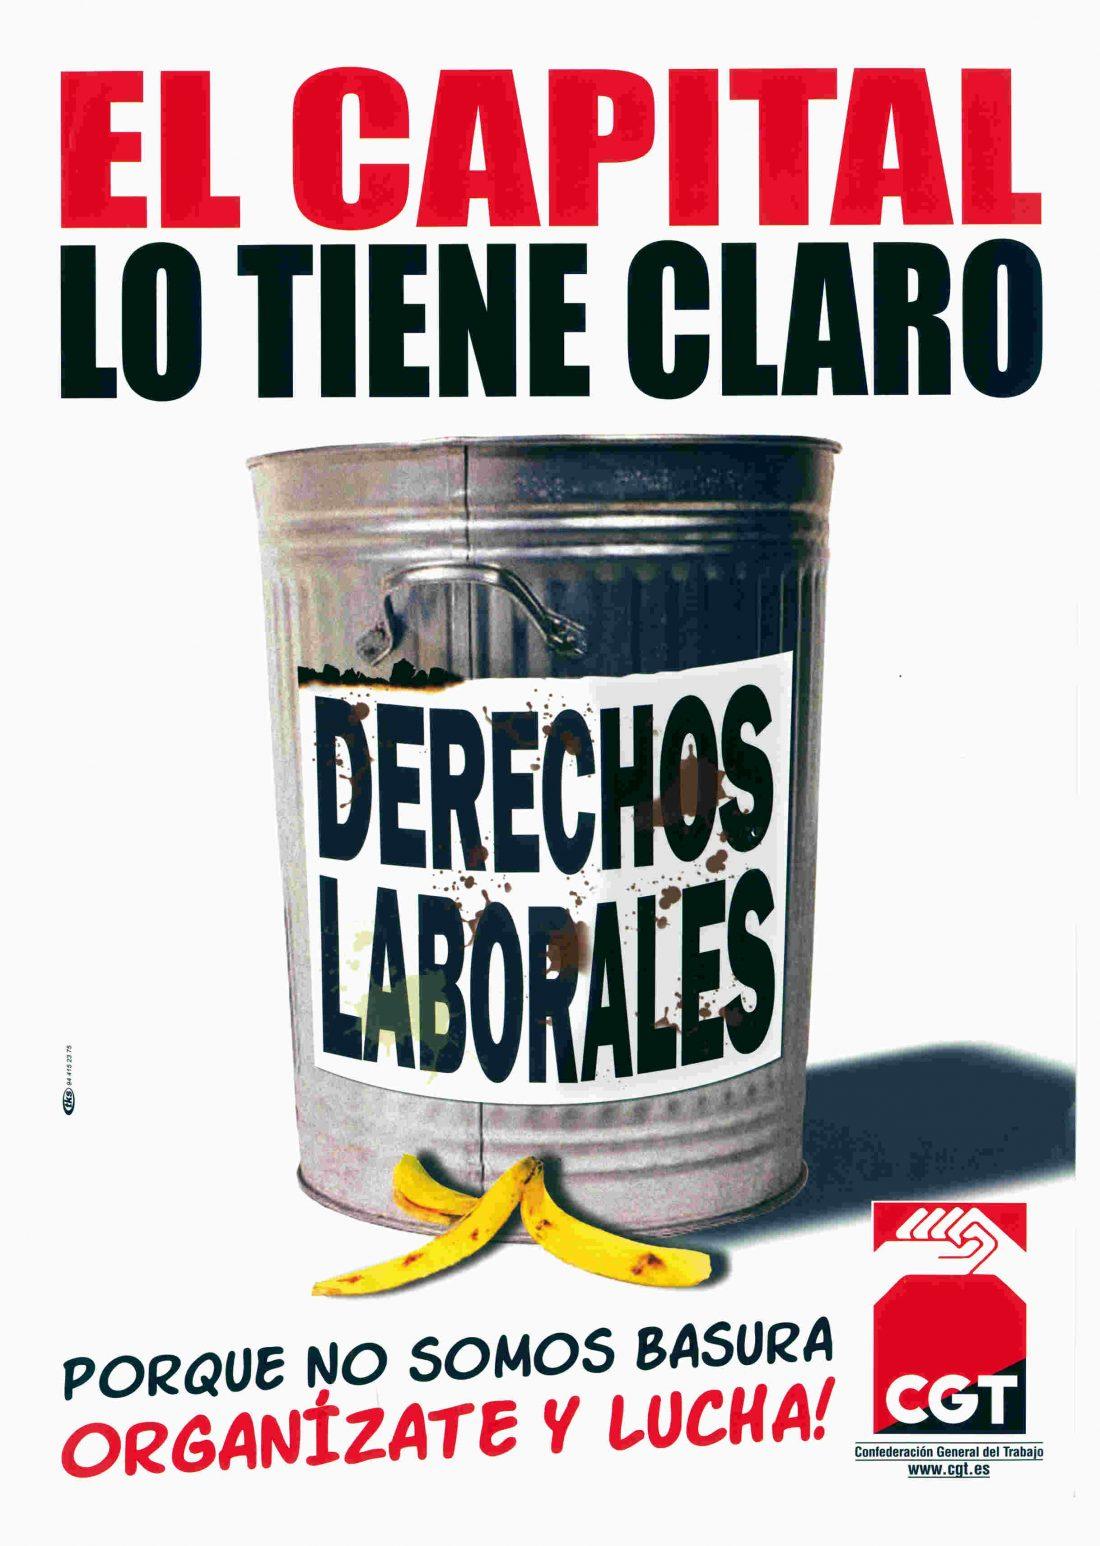 14 agosto 2013, entierro de los derechos laborales y sociales en Antequera